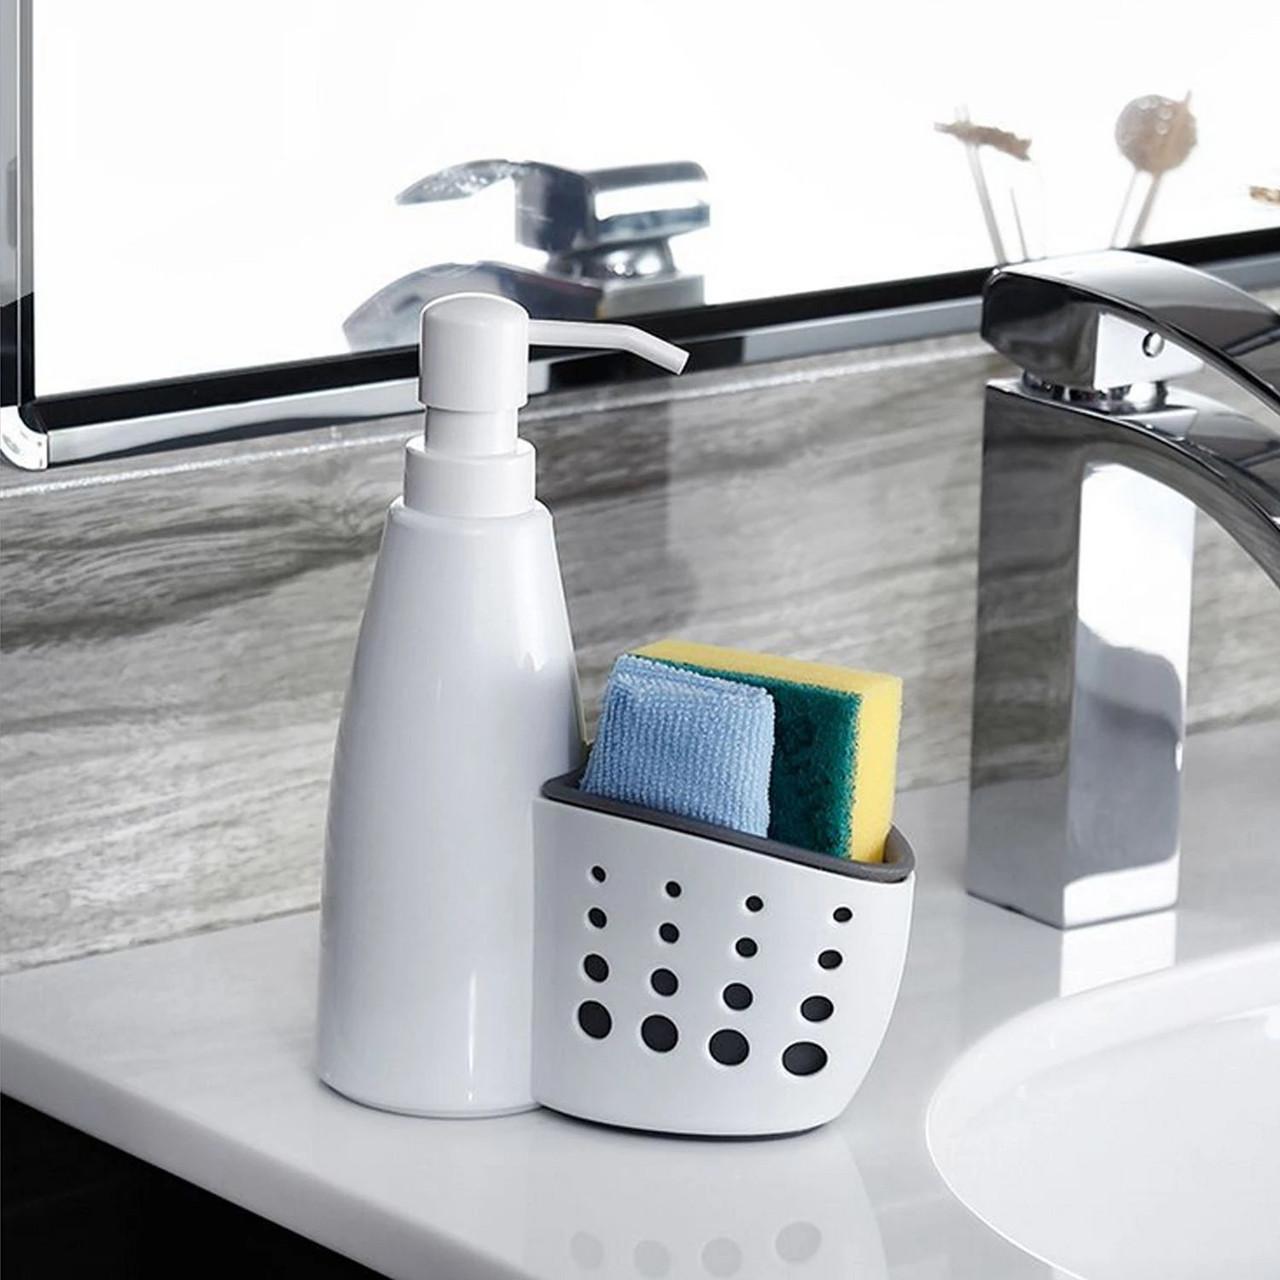 Диспенсер с подставкой для губки белый 16*20*7 см, дозатор для жидкого мыла с держателем для губки (GK)